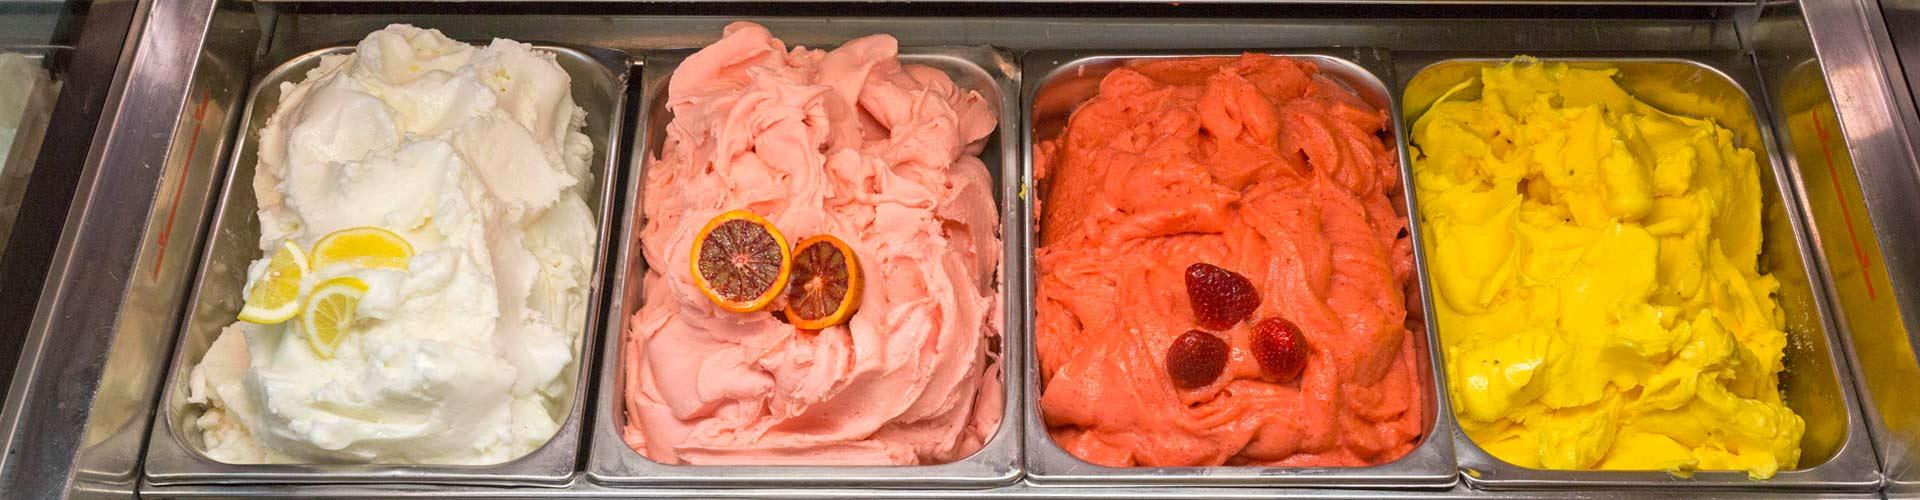 helados artesanos Lugo sorbetes fiordilatte